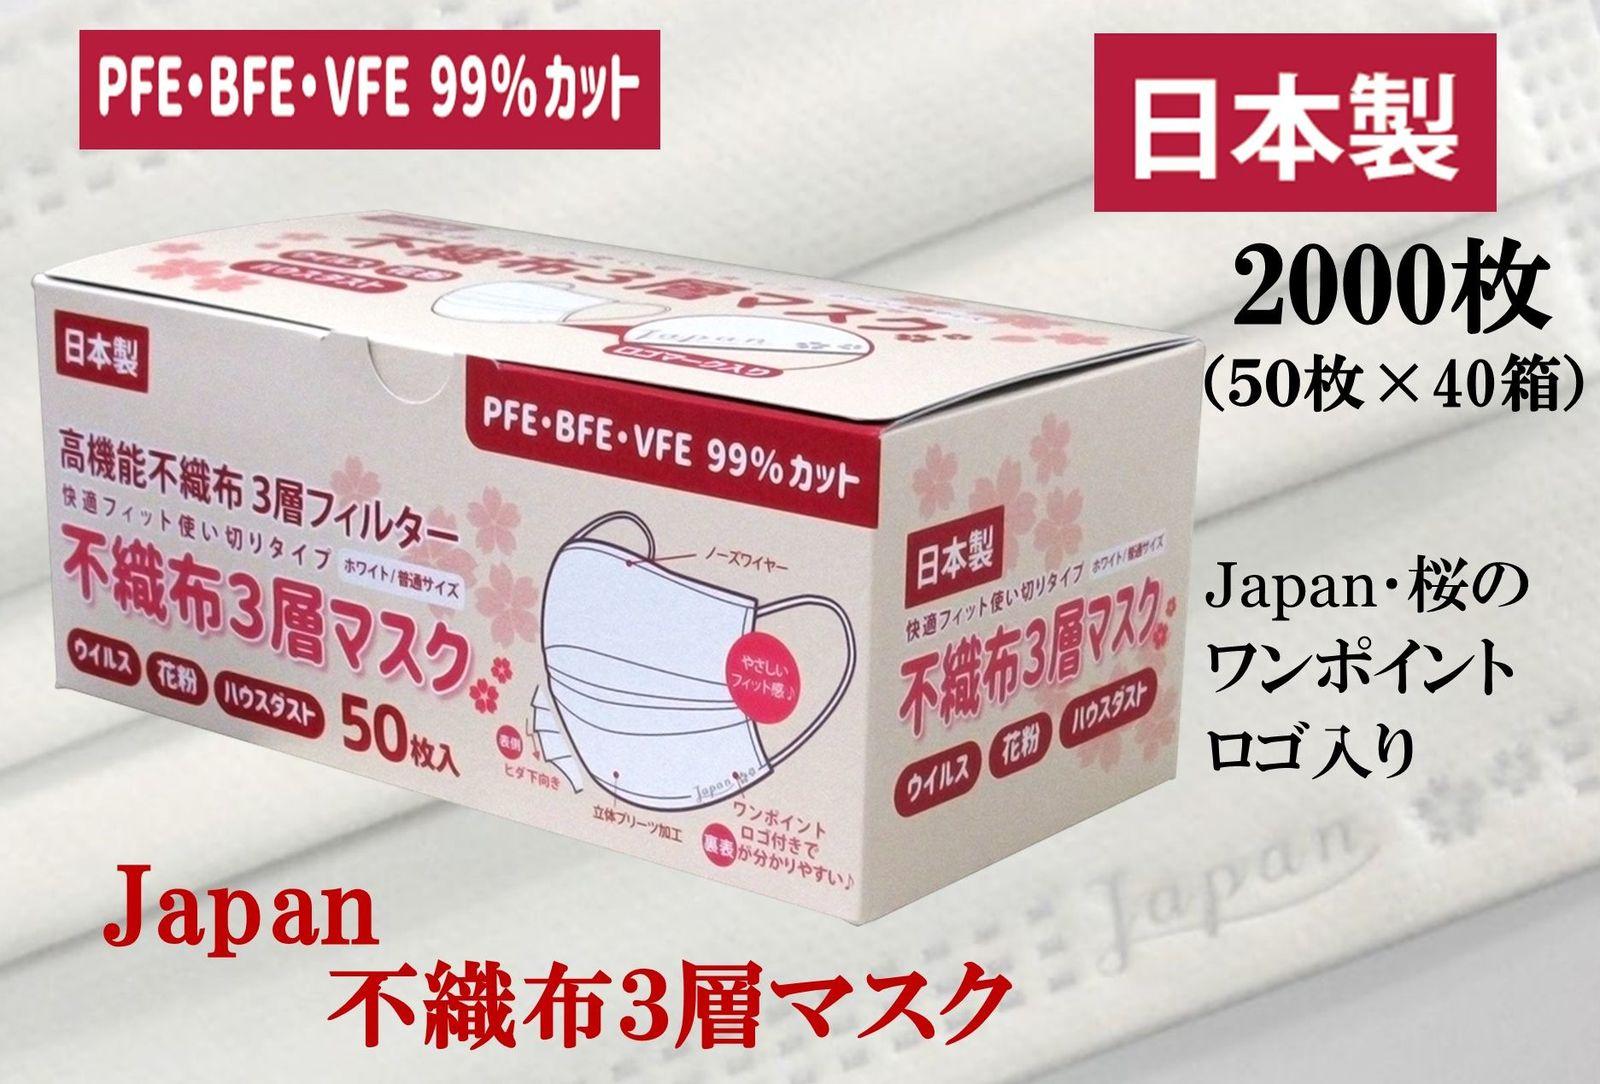 送料無料 上品なさくらデザインパッケージ Japan 桜 可愛い ロゴ入りで表裏が分かりやすい安心の日本製 自社工場製造 快適で優しいフィット感ある 使い切り不織布マスクです 2000枚 不織布 日本製 マスク まとめ買い ワンポイント 50枚×40箱 高機能 99%カット 日本製マスク 不織布マスク 日本産 3層フィルターマスク売れ筋 呼吸しやすい ロゴ入り 使い捨てマスク 肌に優しい 耳が痛くならない 商品 快適フィット 国産マスク